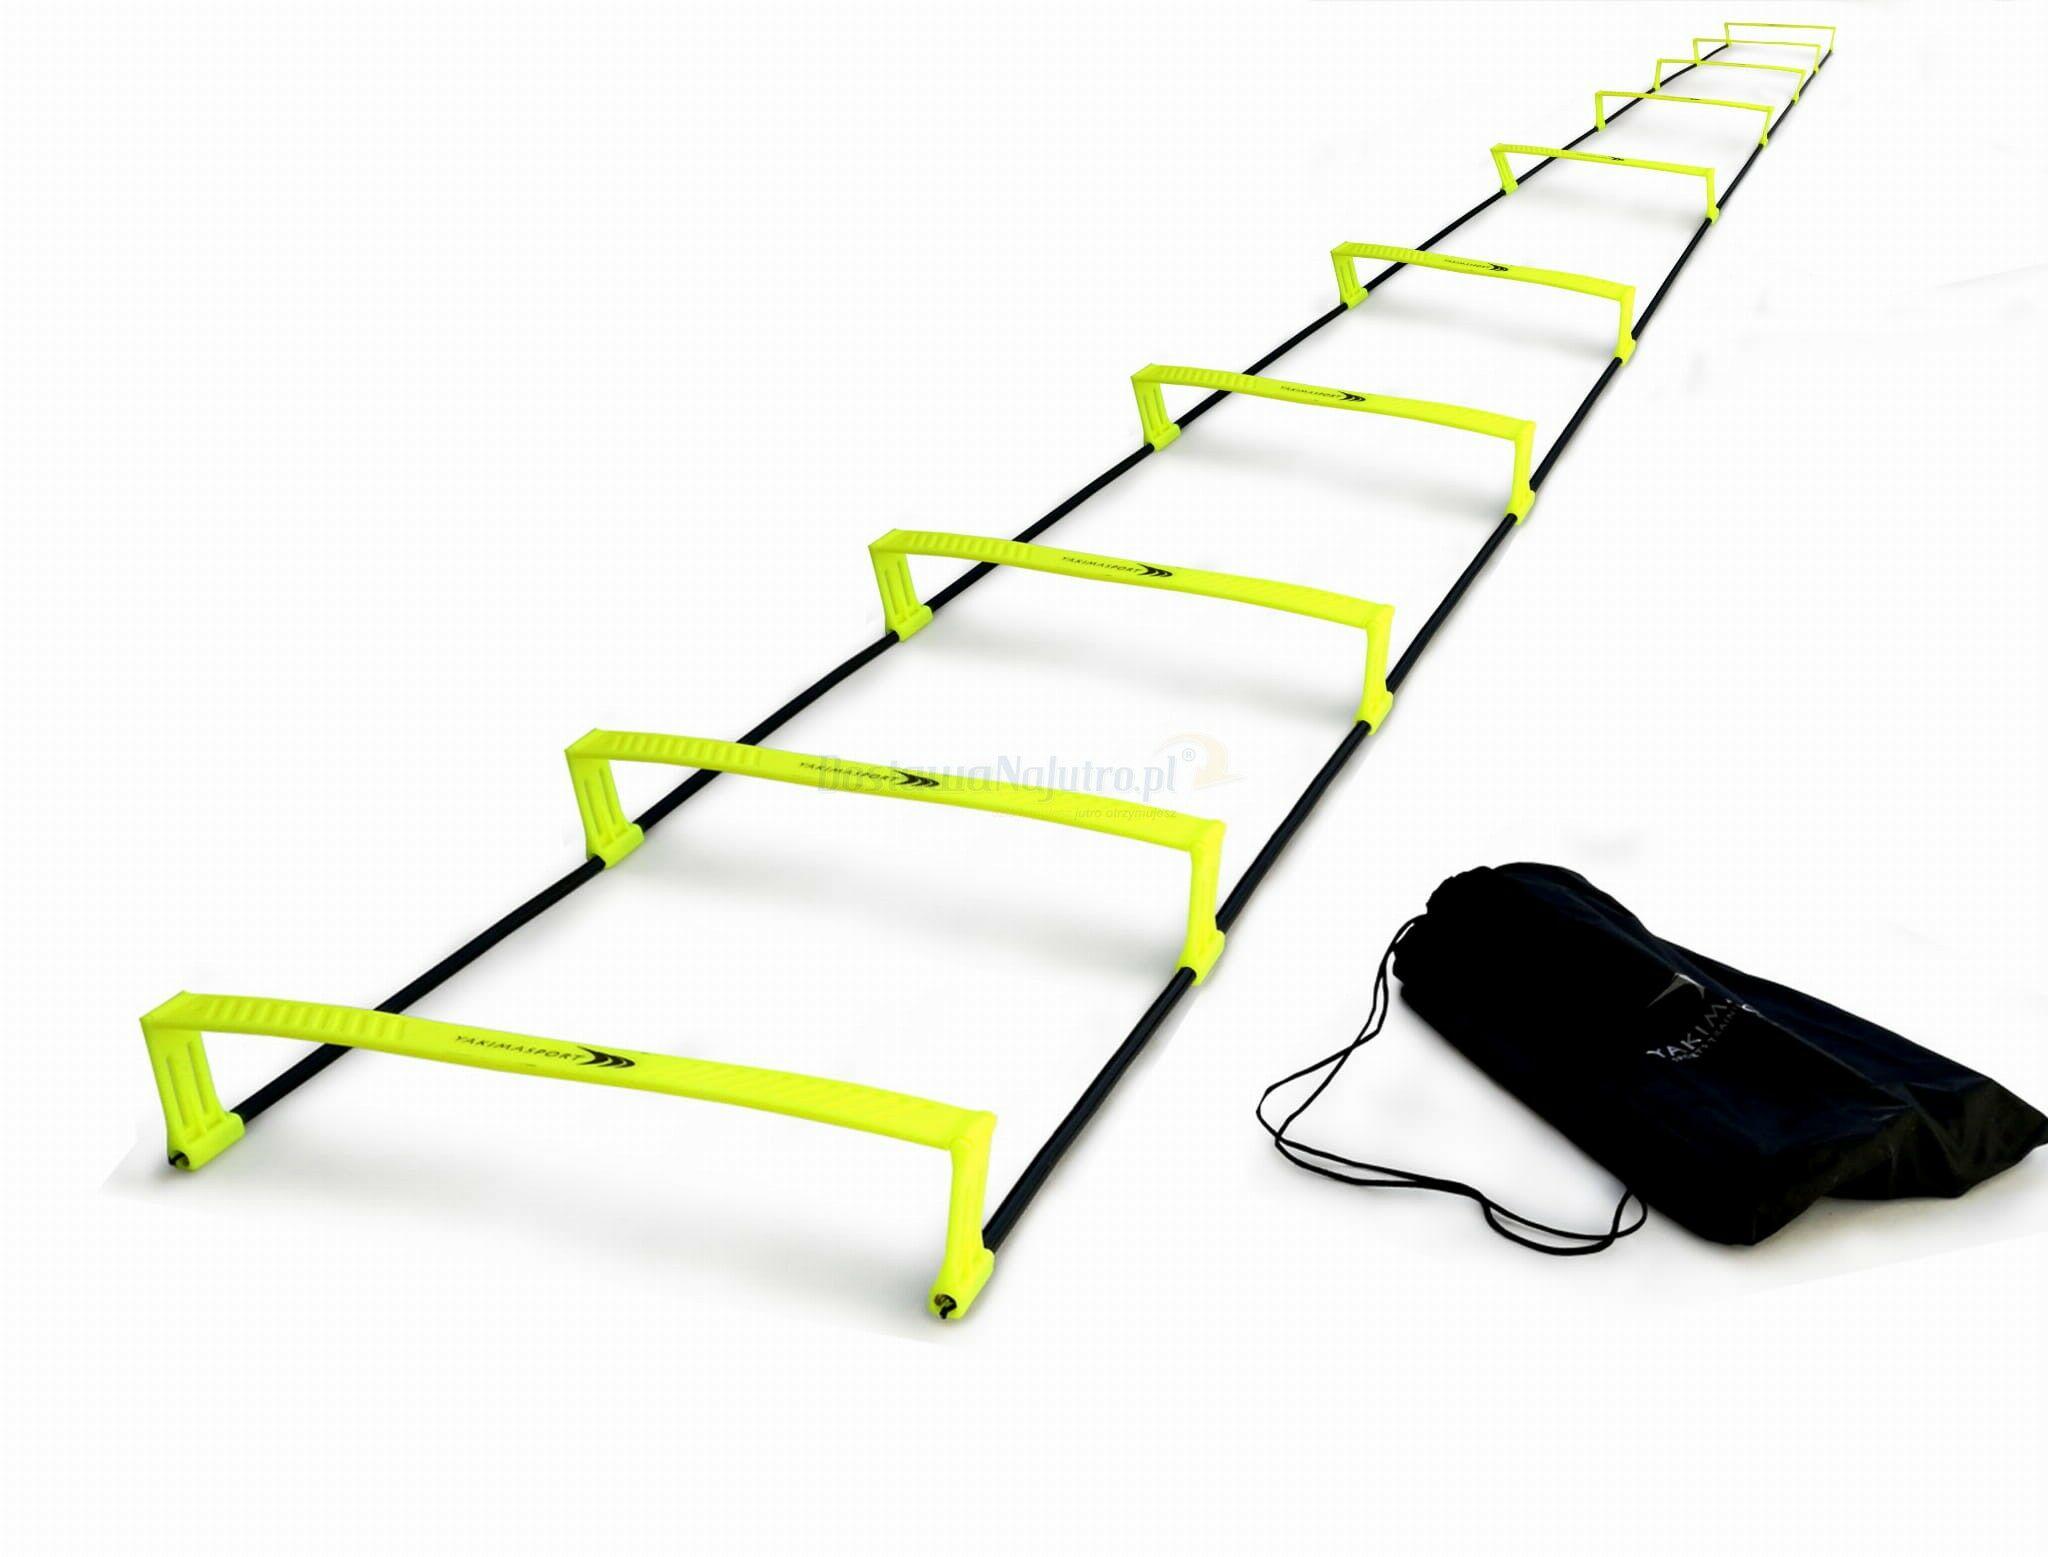 Drabinka koordynacyjna 2w1 podwyższana 10 stopni płotki do treningu